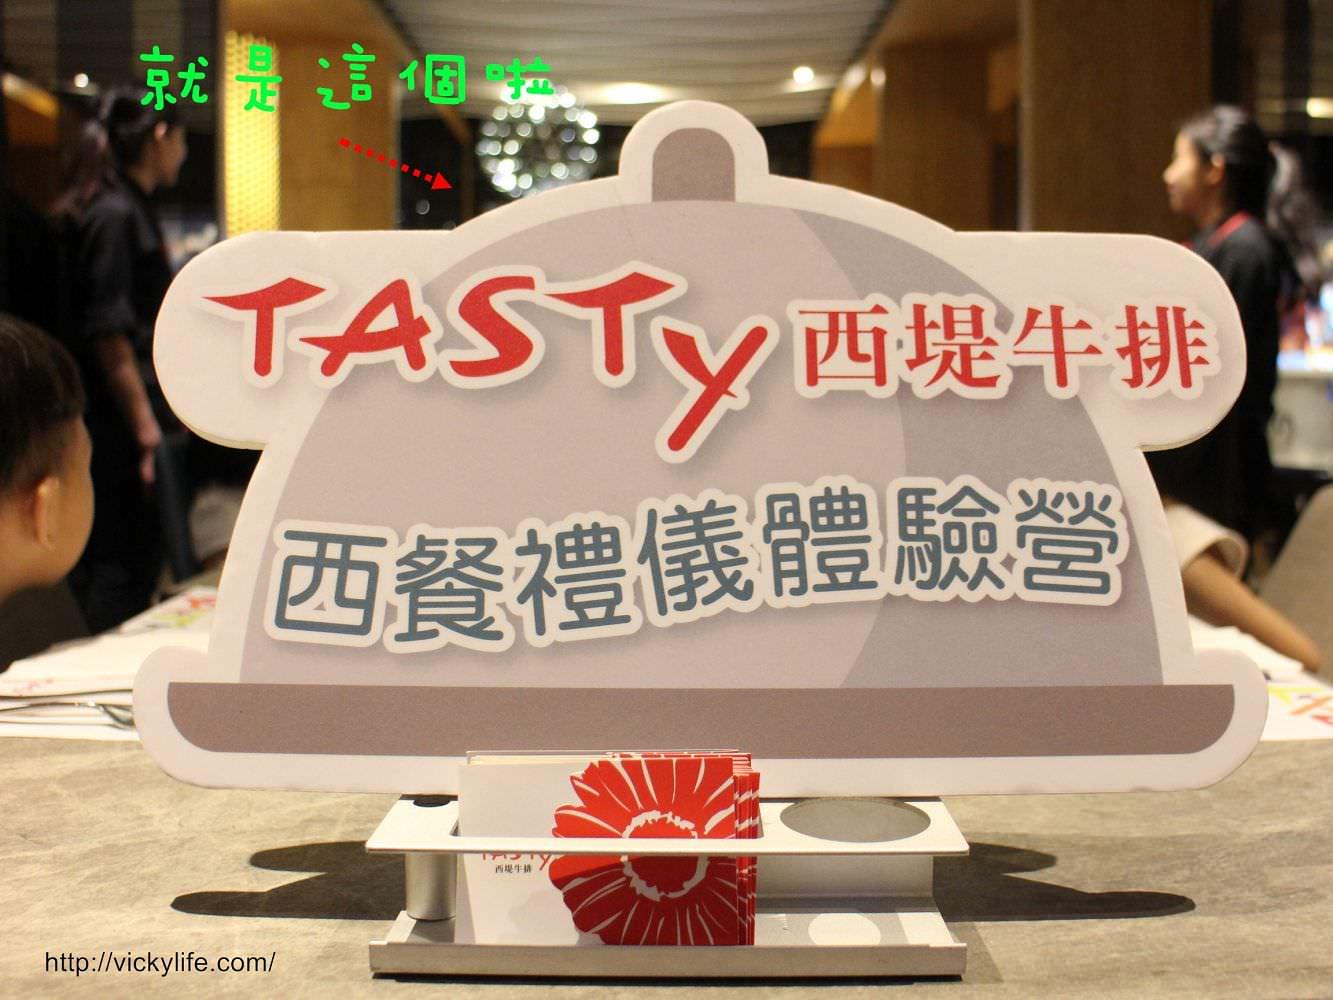 台南親子體驗活動︱西堤家樂福安平店:西餐禮儀體驗營,如何吃,吃得有禮儀,吃得很優雅